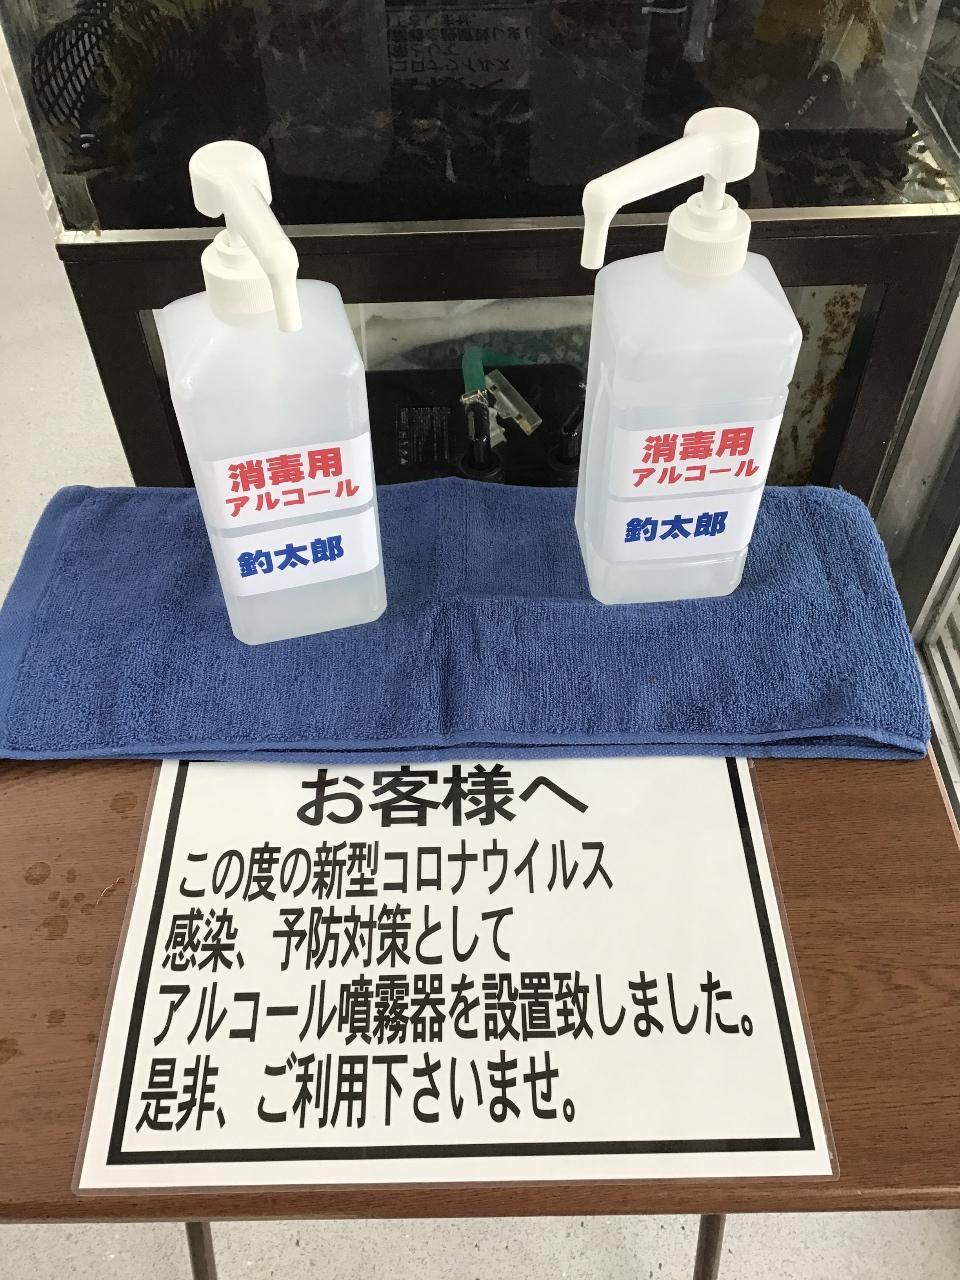 4/4日・5日 店内混雑状況